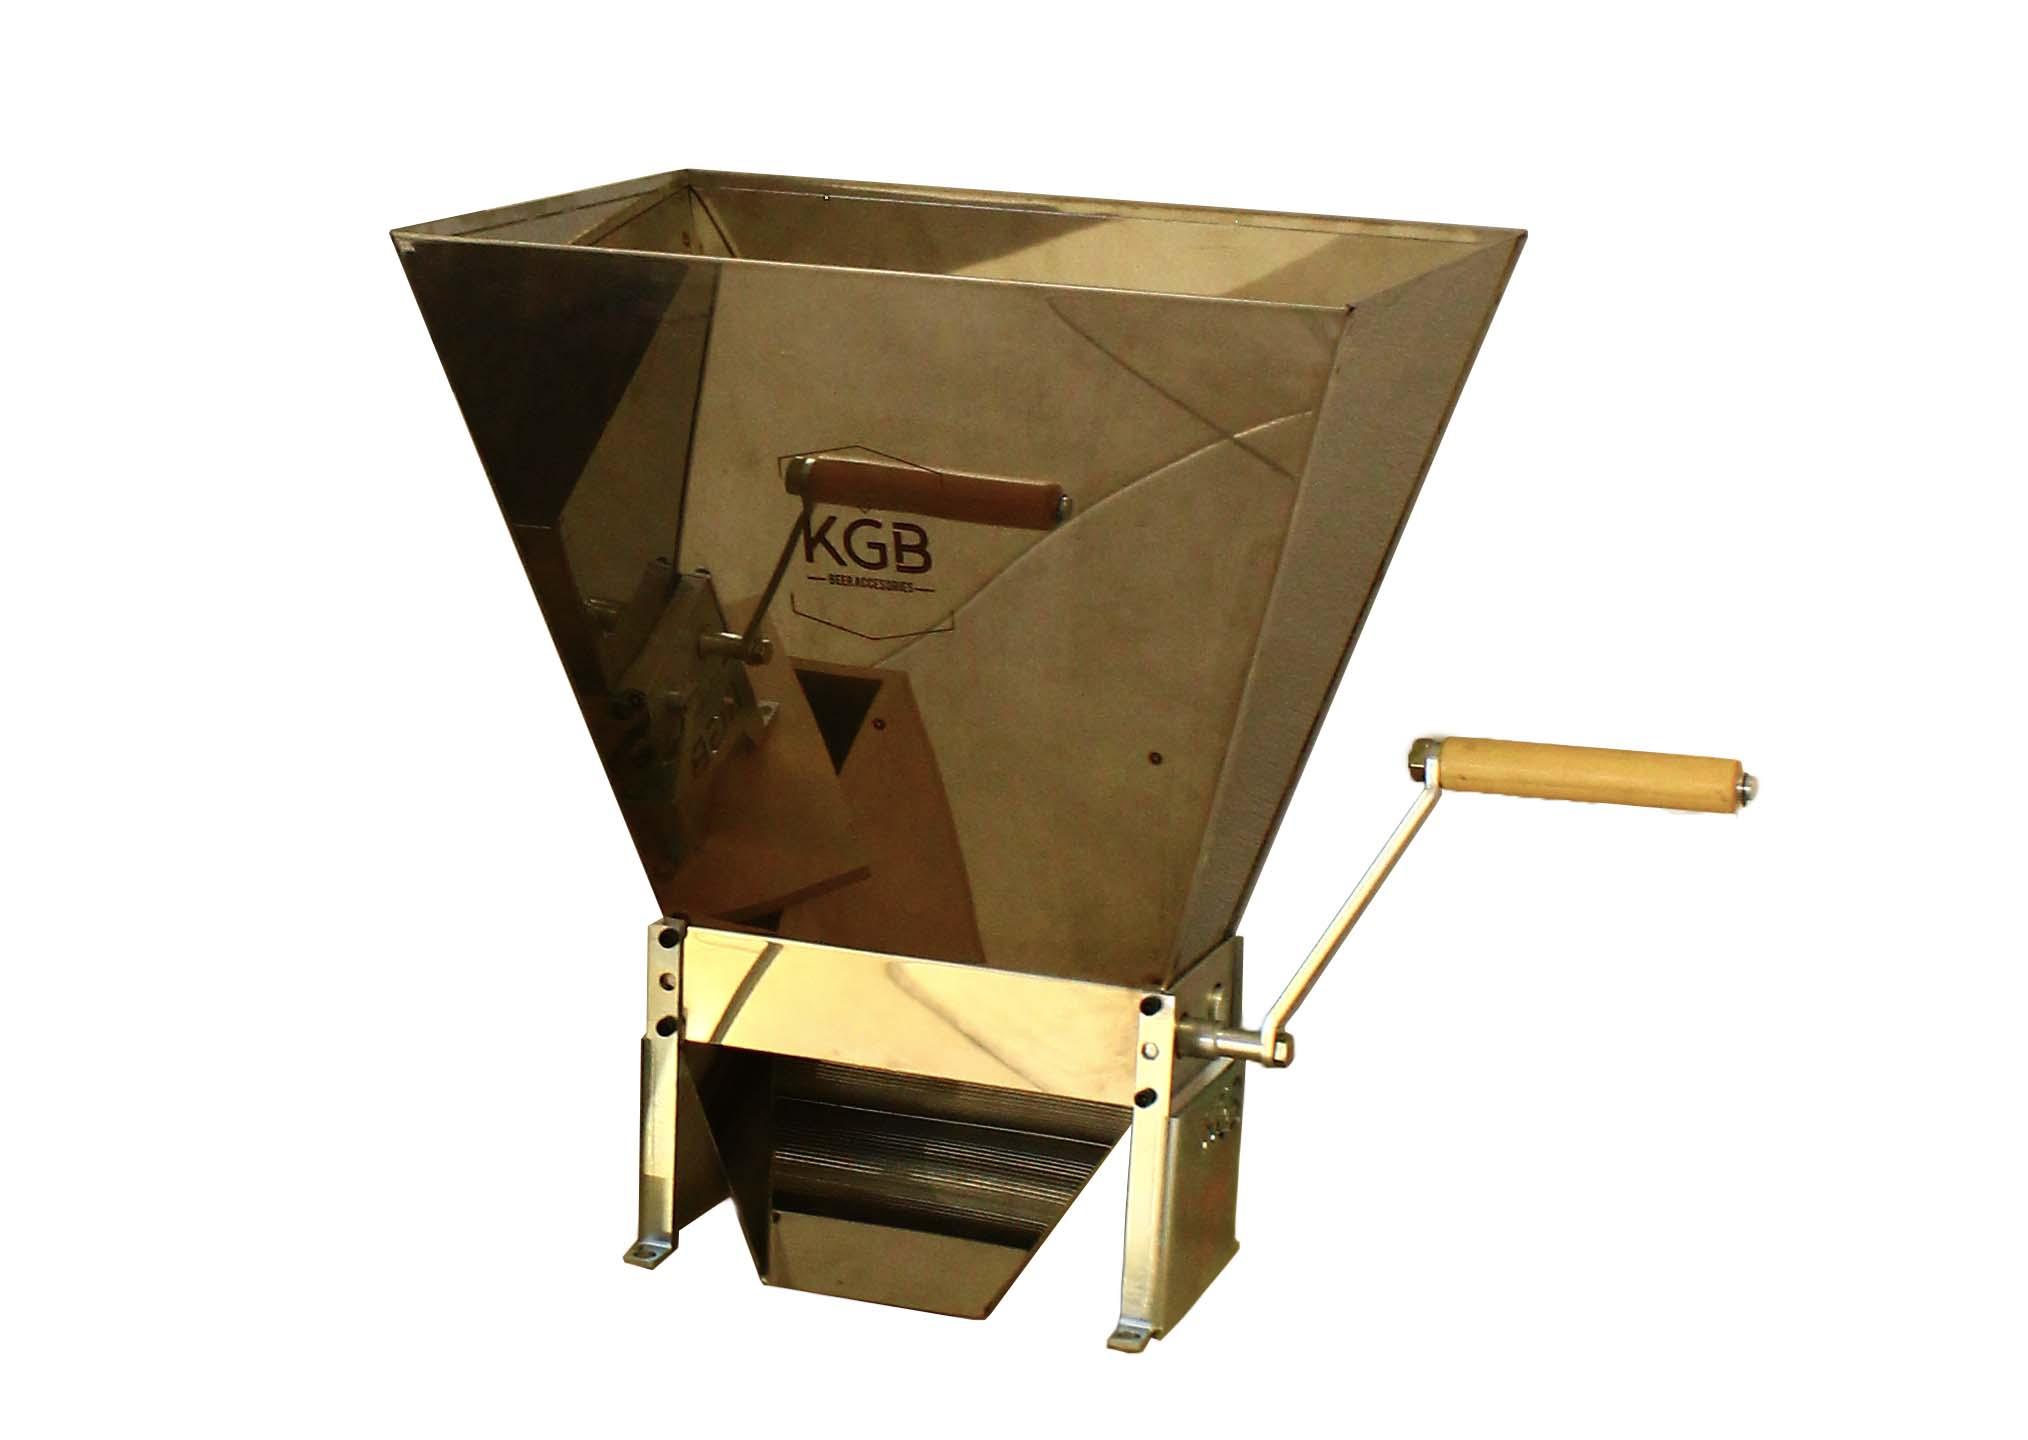 Molino para malta con tolva de 11 kg y caja de embalaje